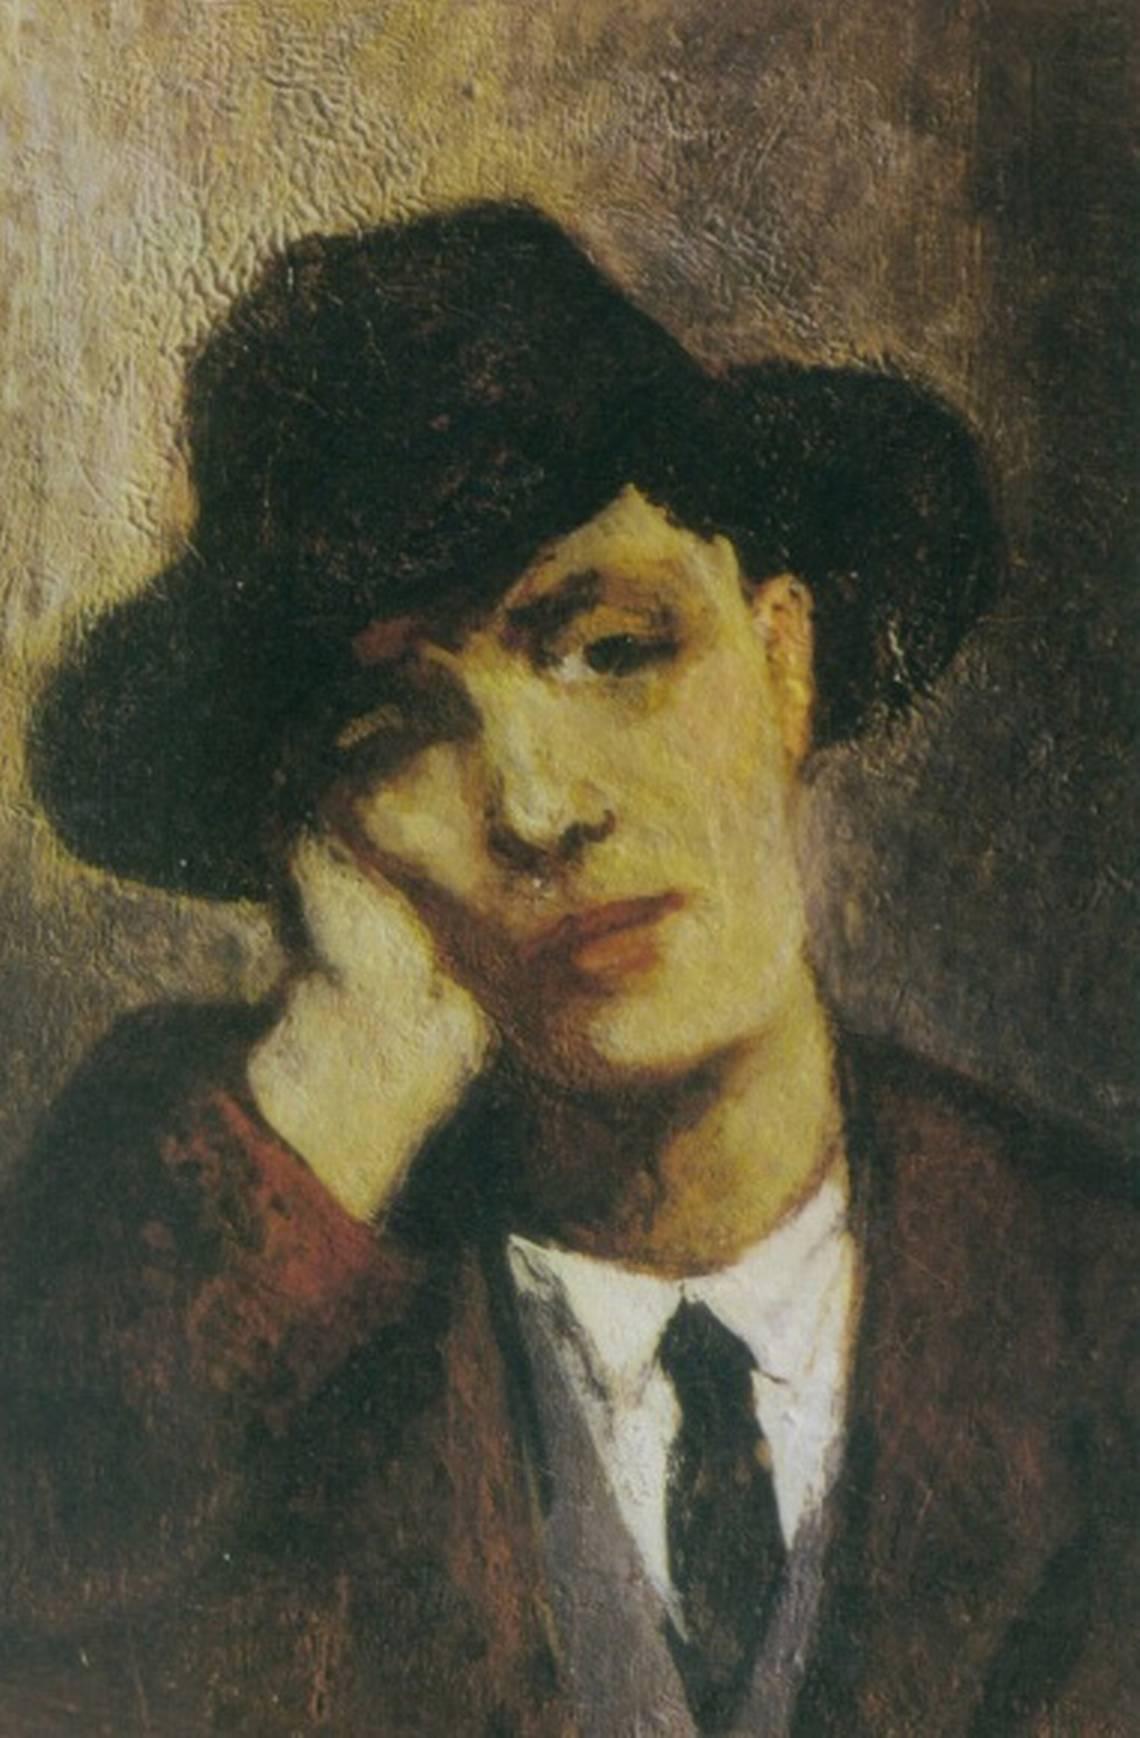 Jeanne Hébuterne, Ritratto di Modigliani, 1919